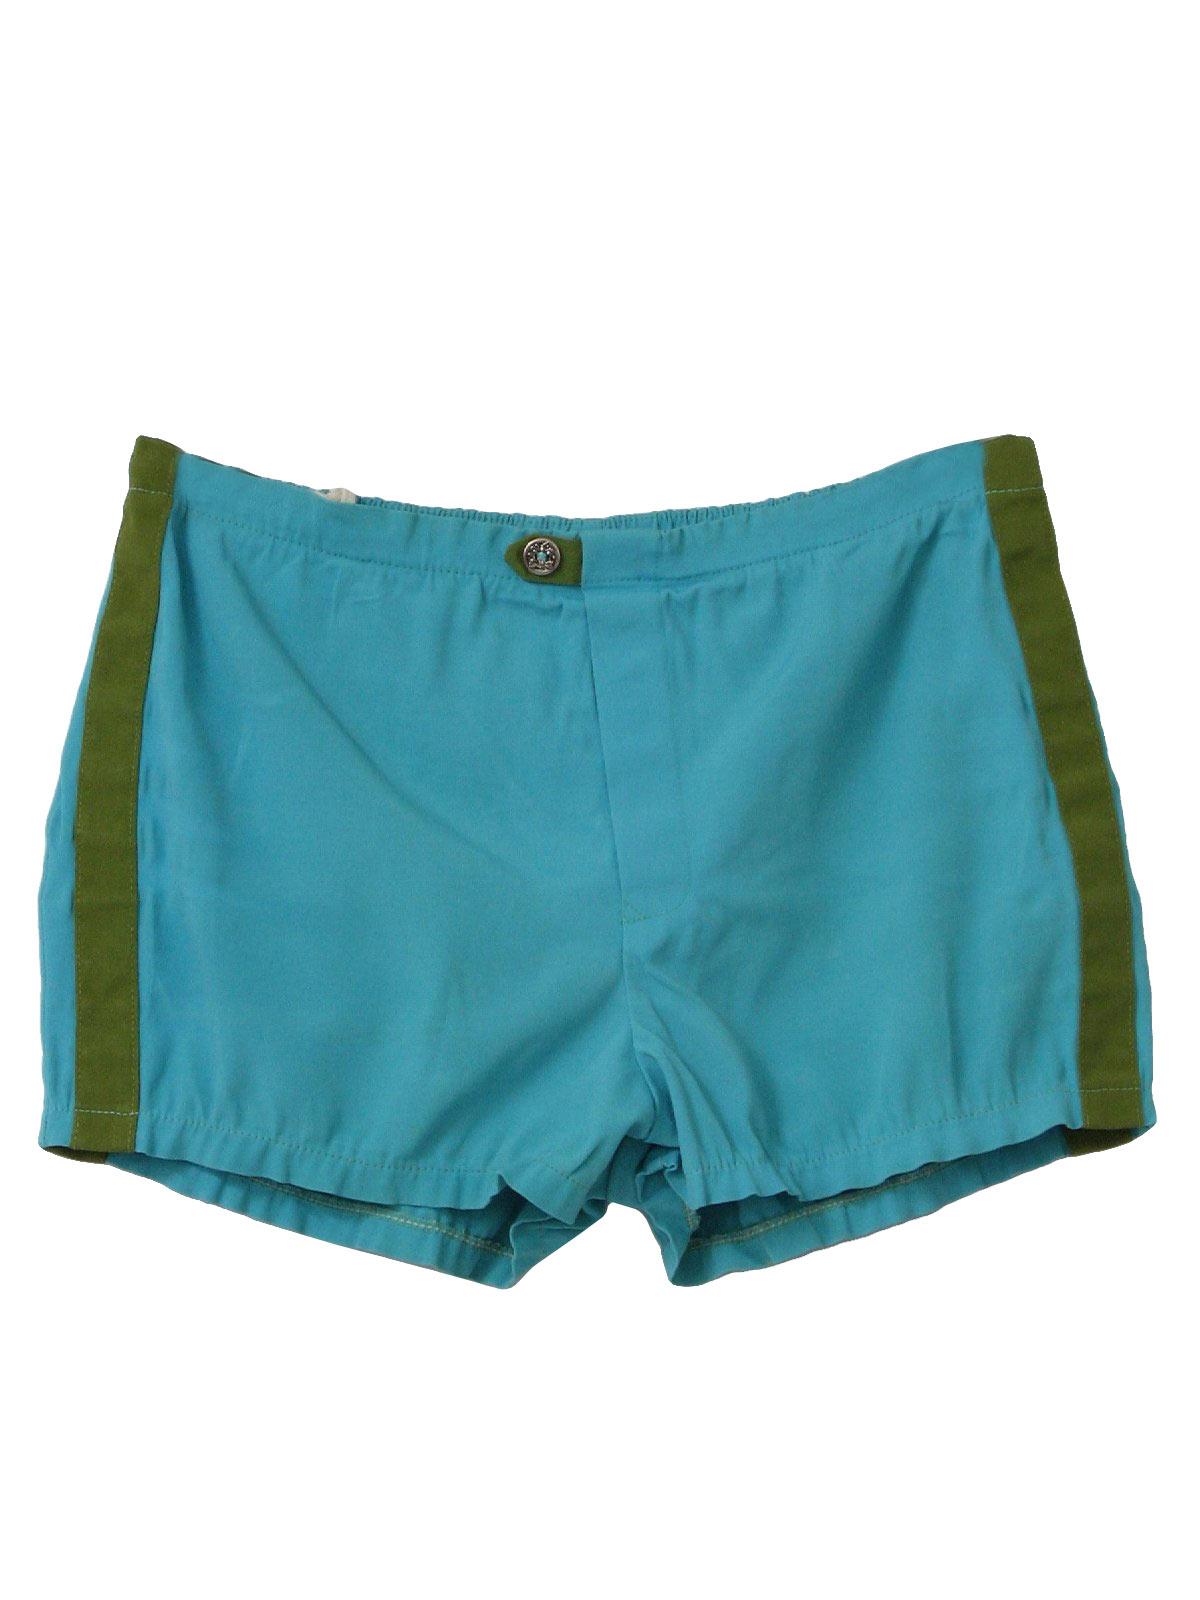 1950s The Expandables Jantzen Swimsuit Swimwear 50s The